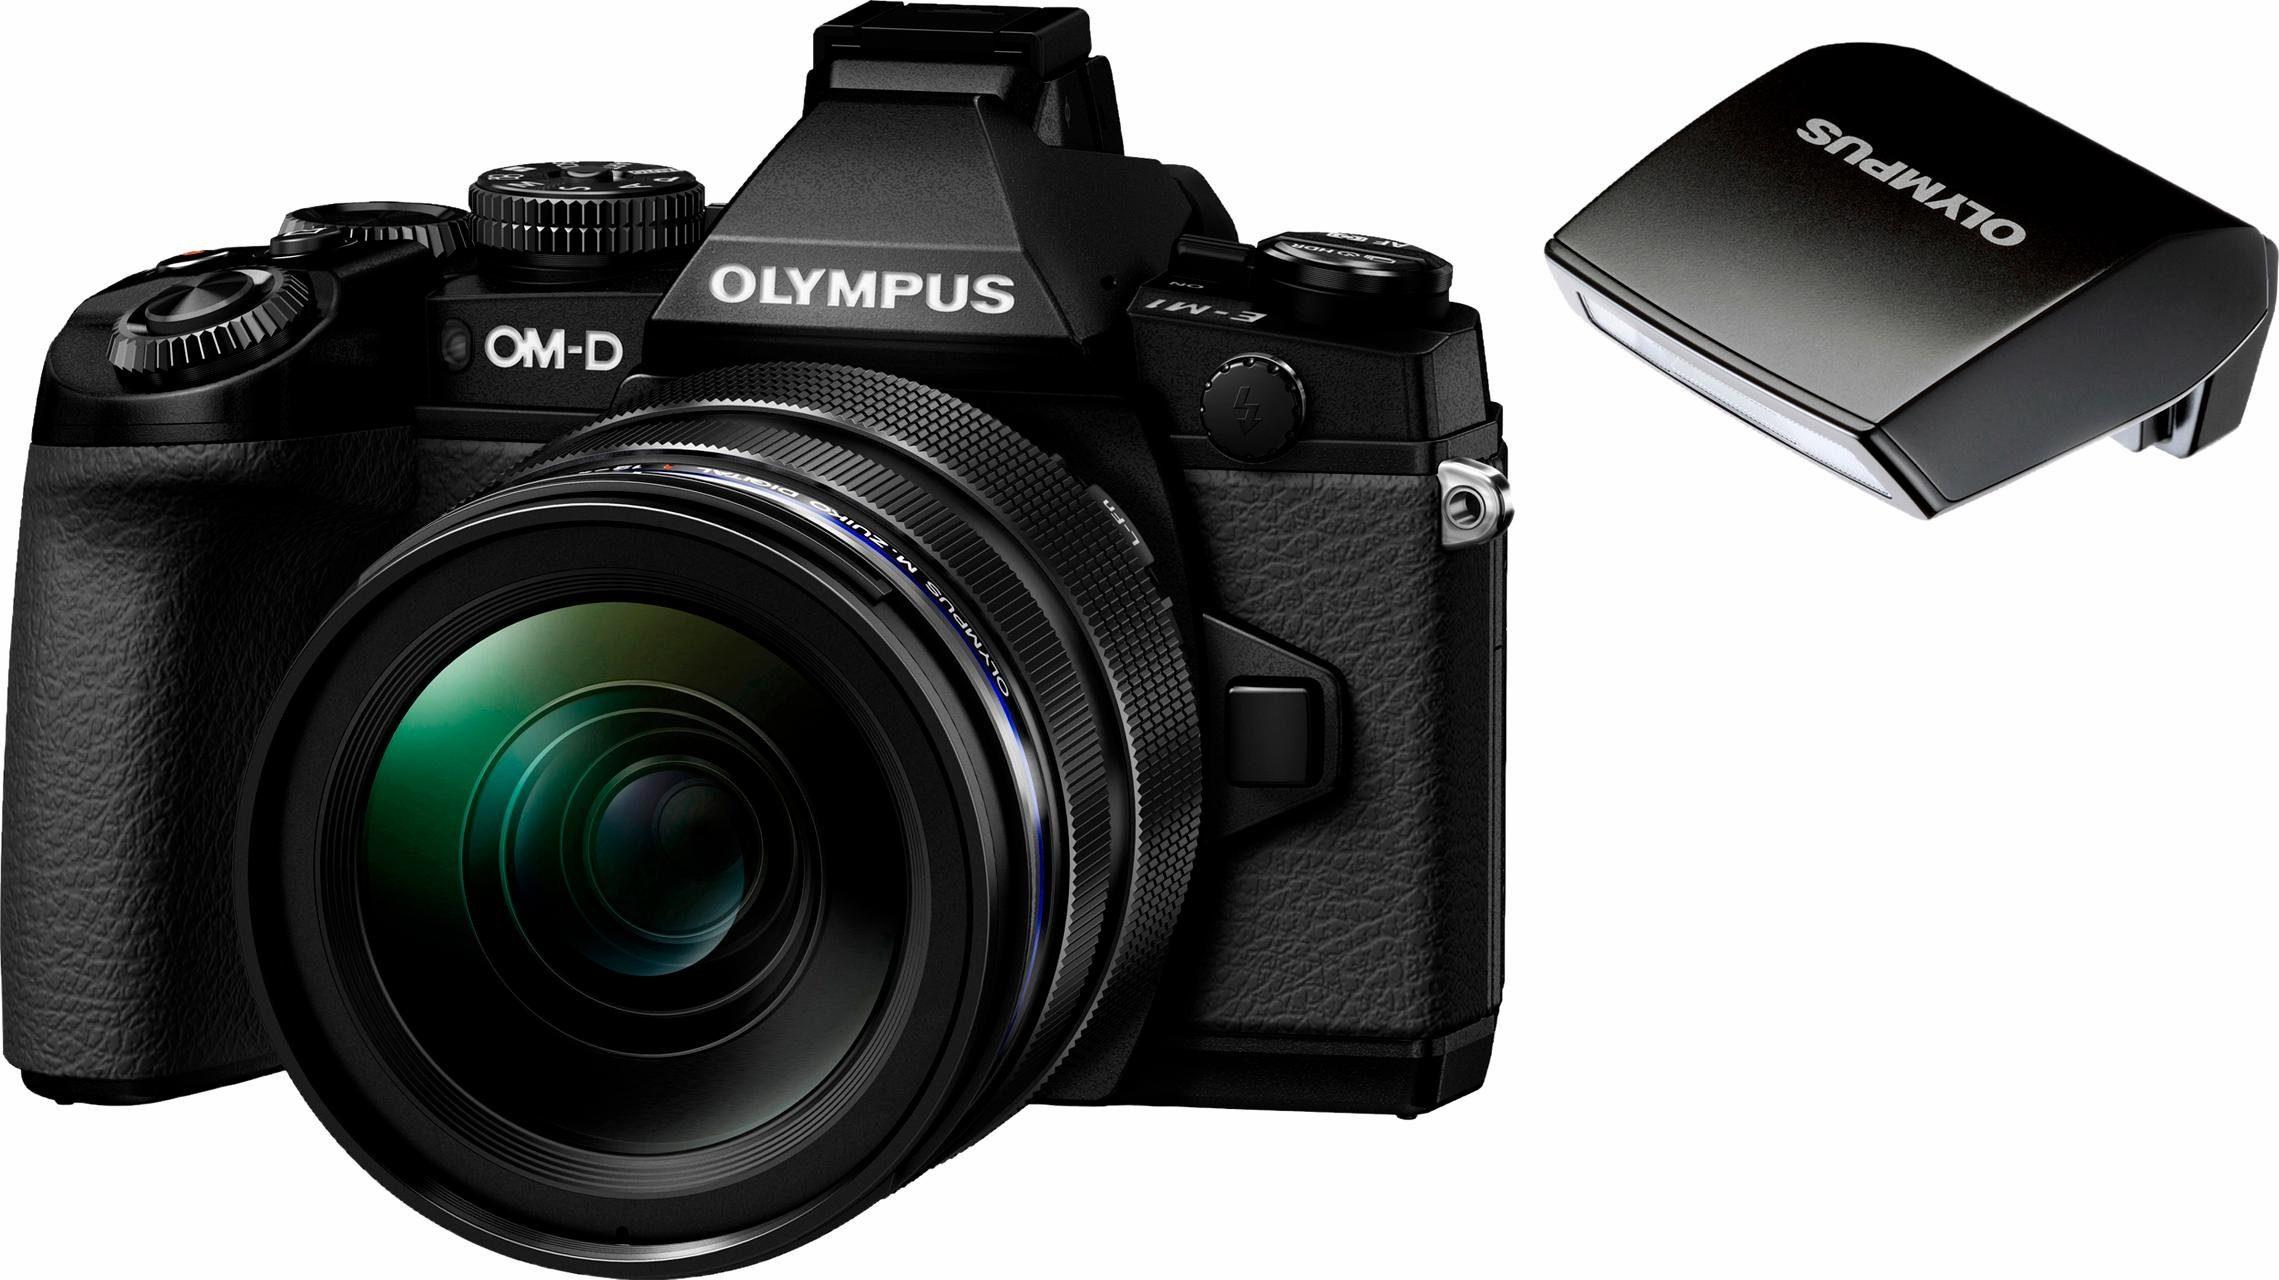 Olympus OM-D E-M1 System Kamera, M.ZUIKO DIGITAL ED 12-40 1:2.8 Zoom, 16,3 Megapixel